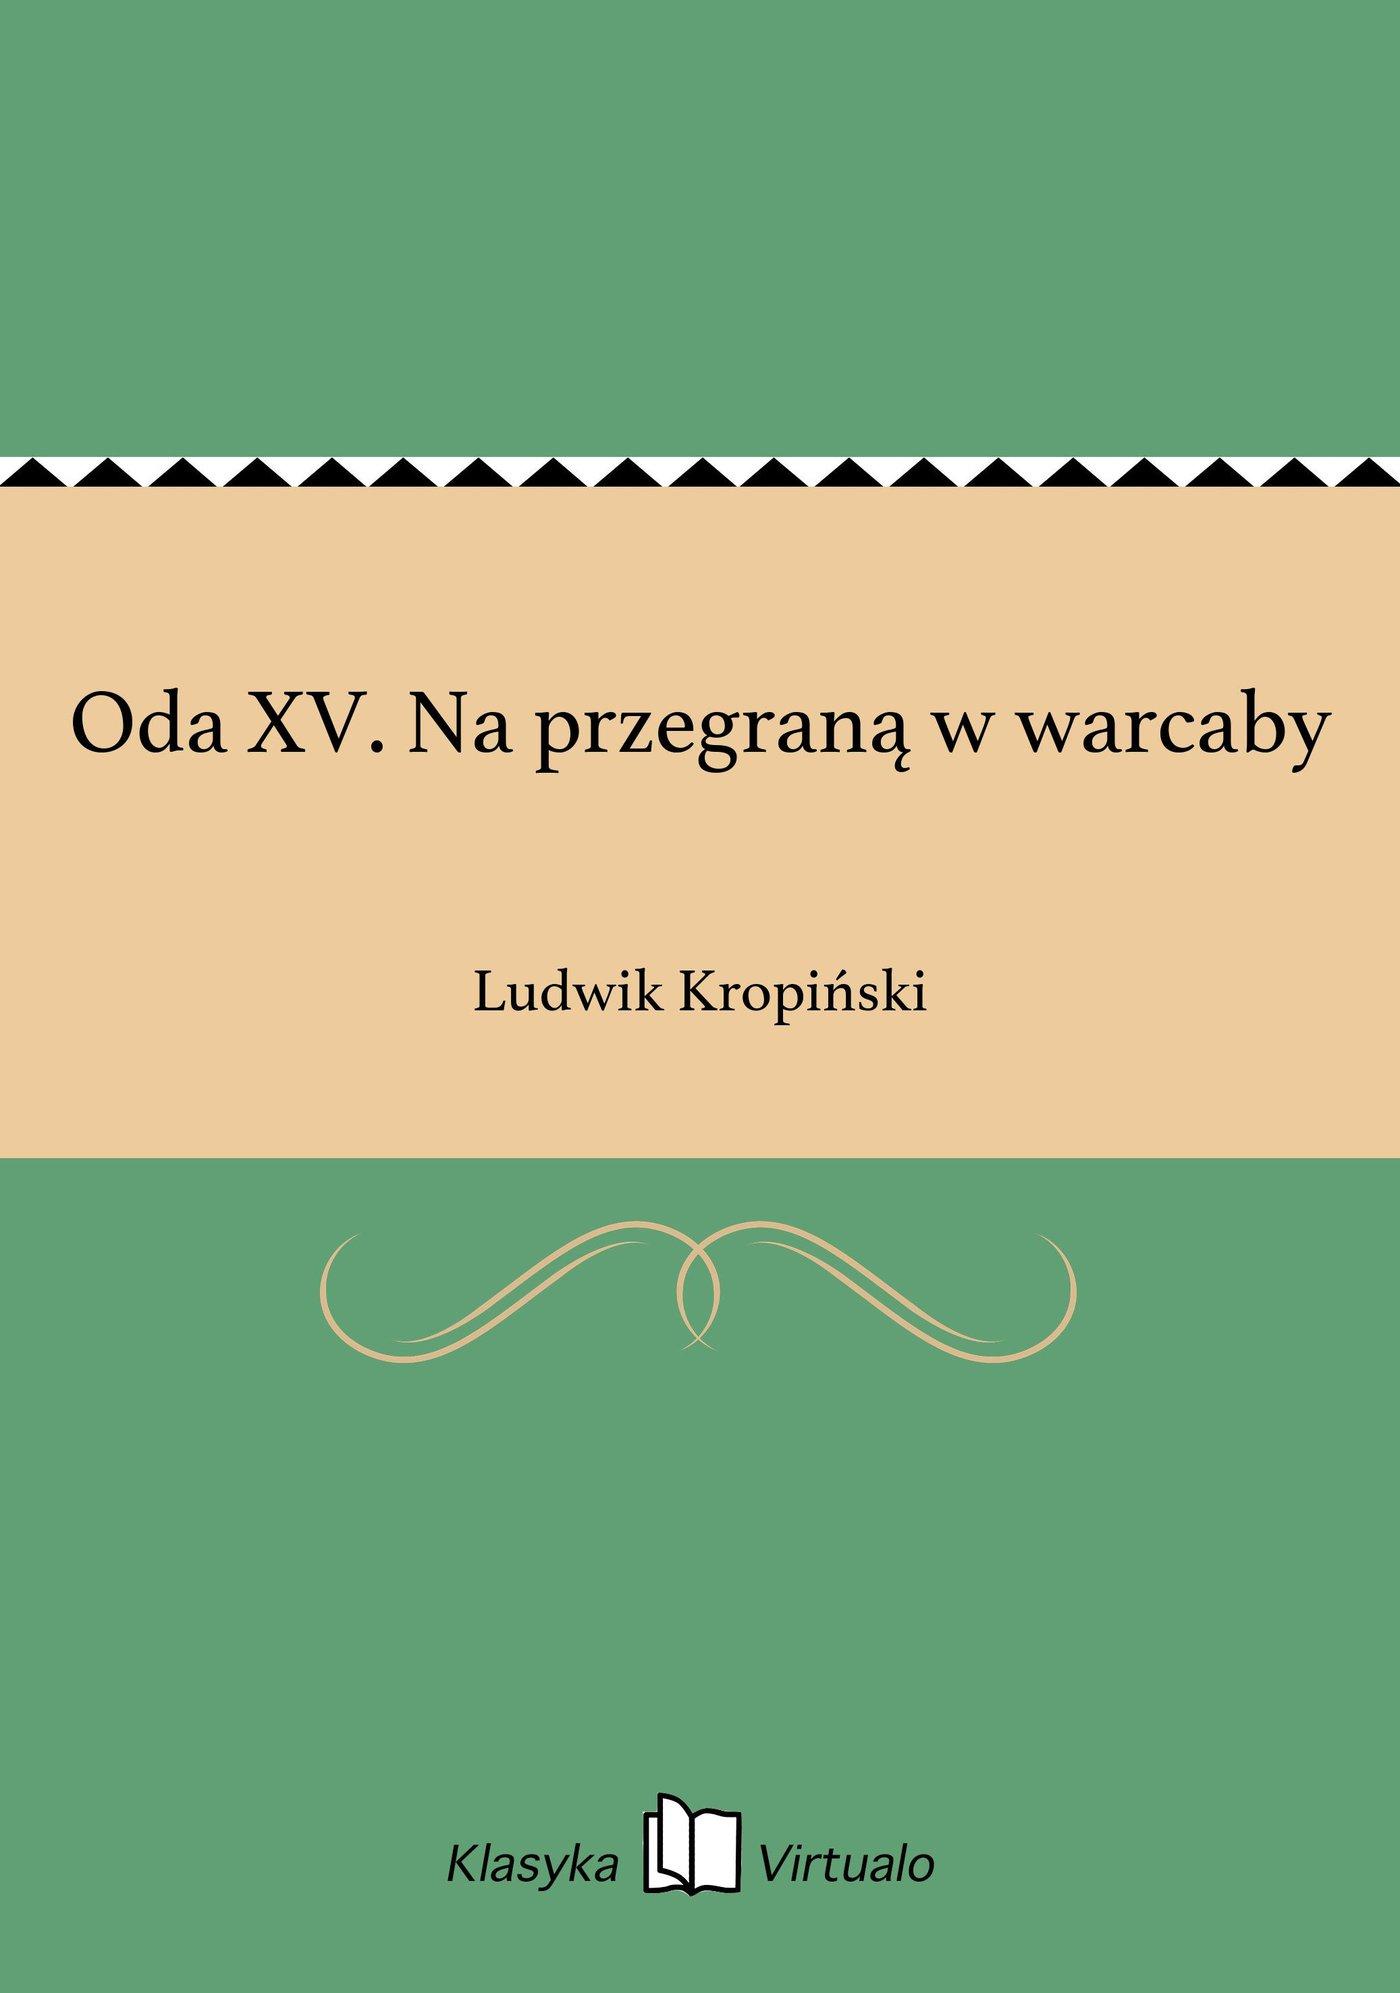 Oda XV. Na przegraną w warcaby - Ebook (Książka EPUB) do pobrania w formacie EPUB